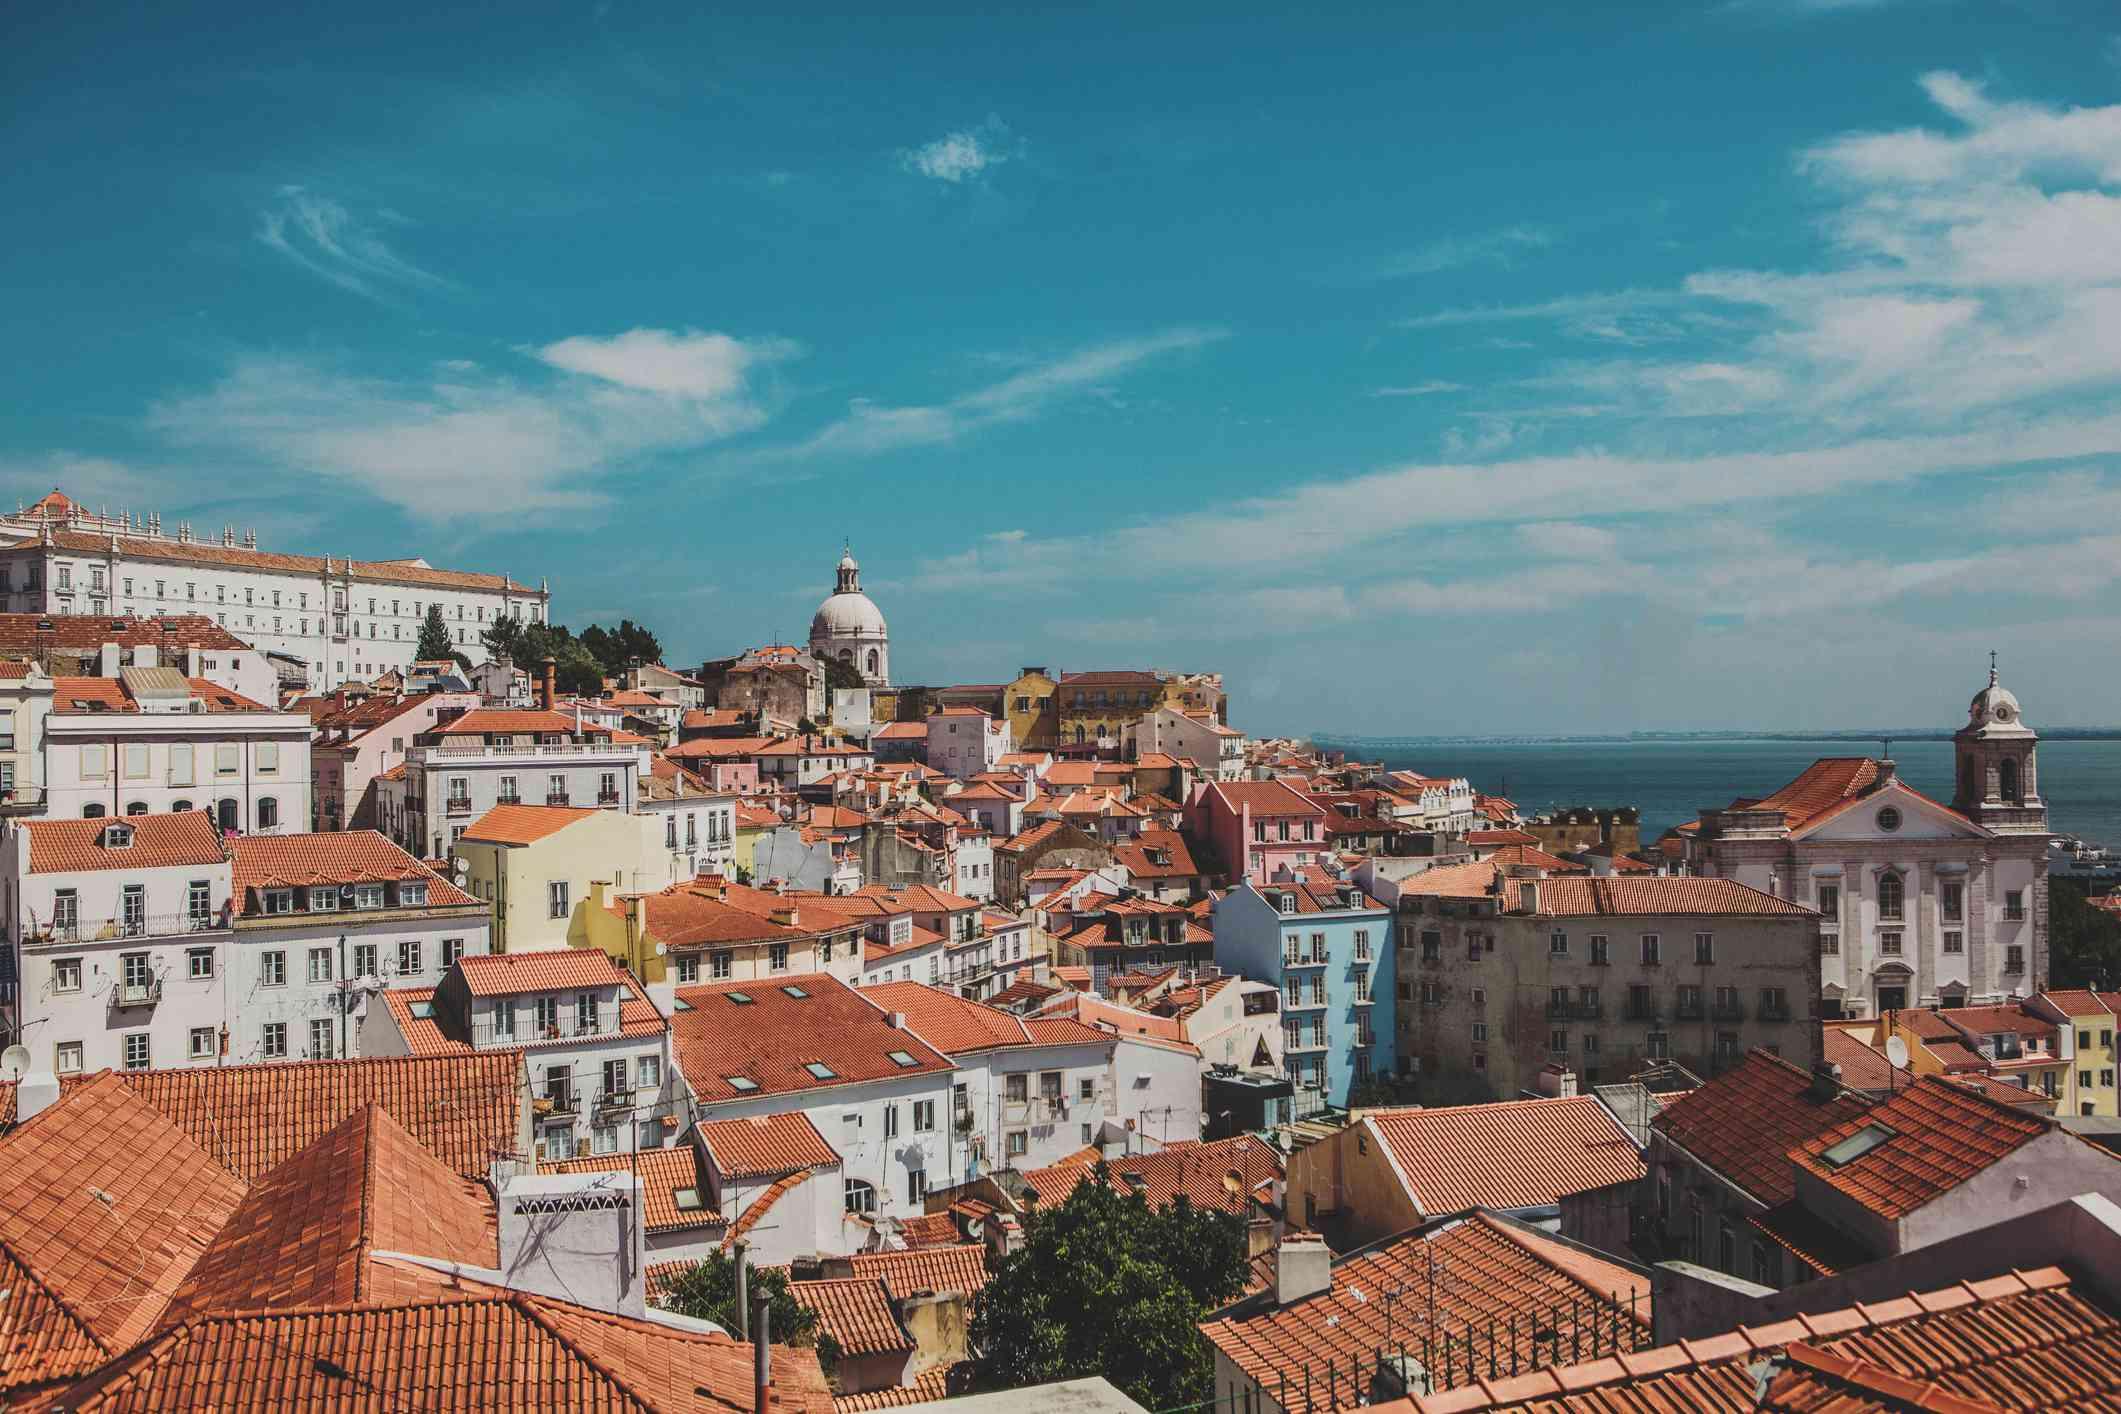 Lisbon Rooftops views